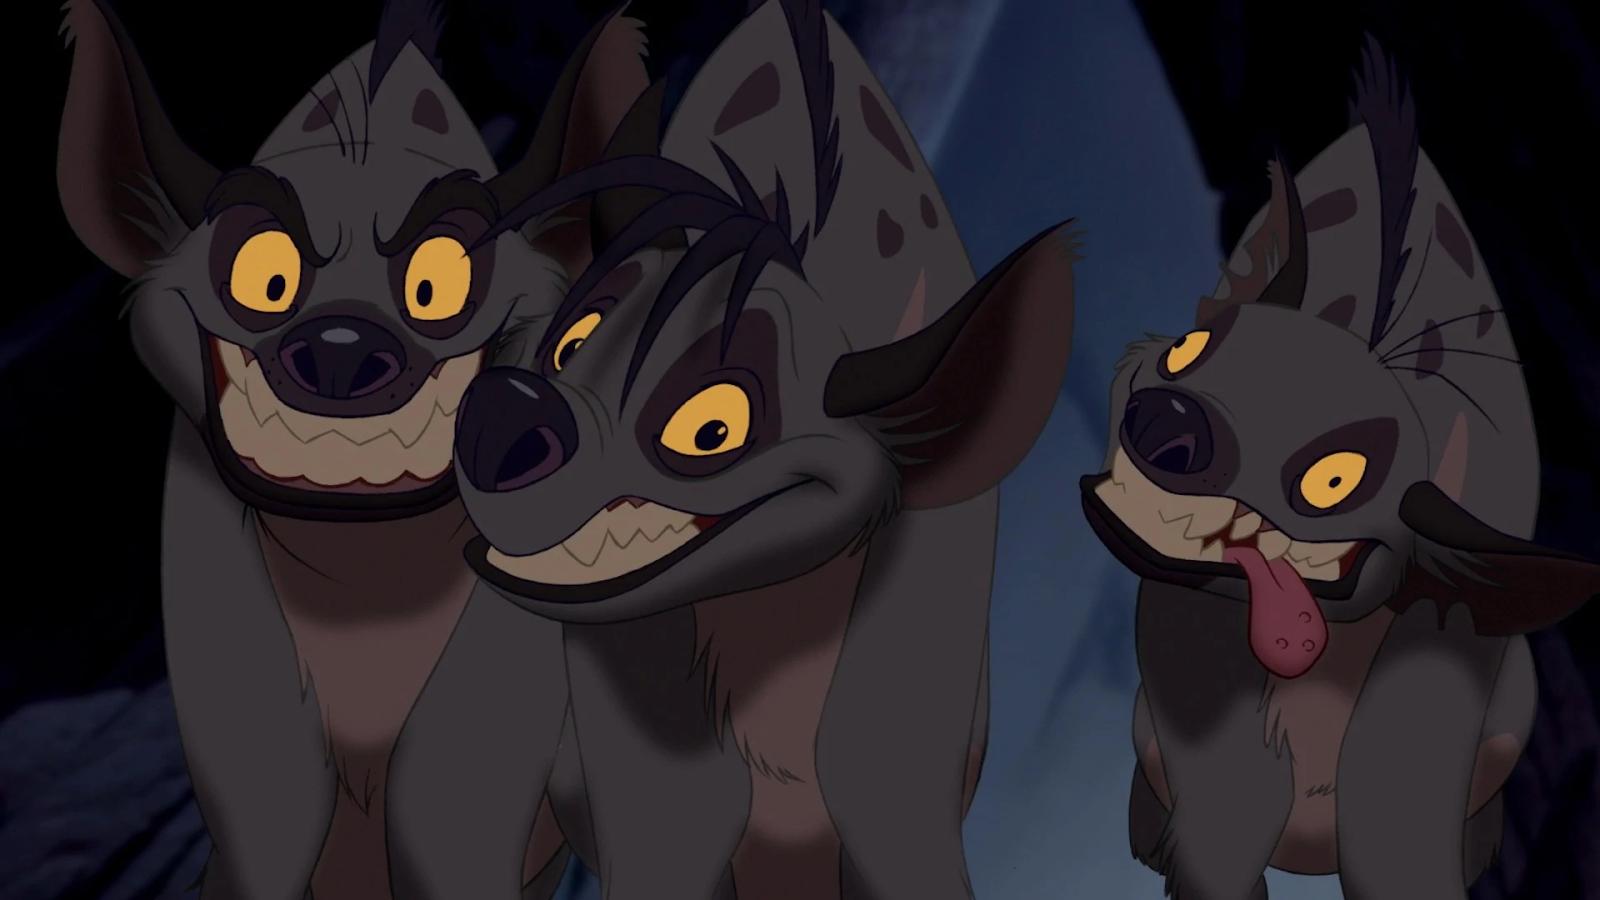 Ilustração das hienas do filme O Rei Leão.